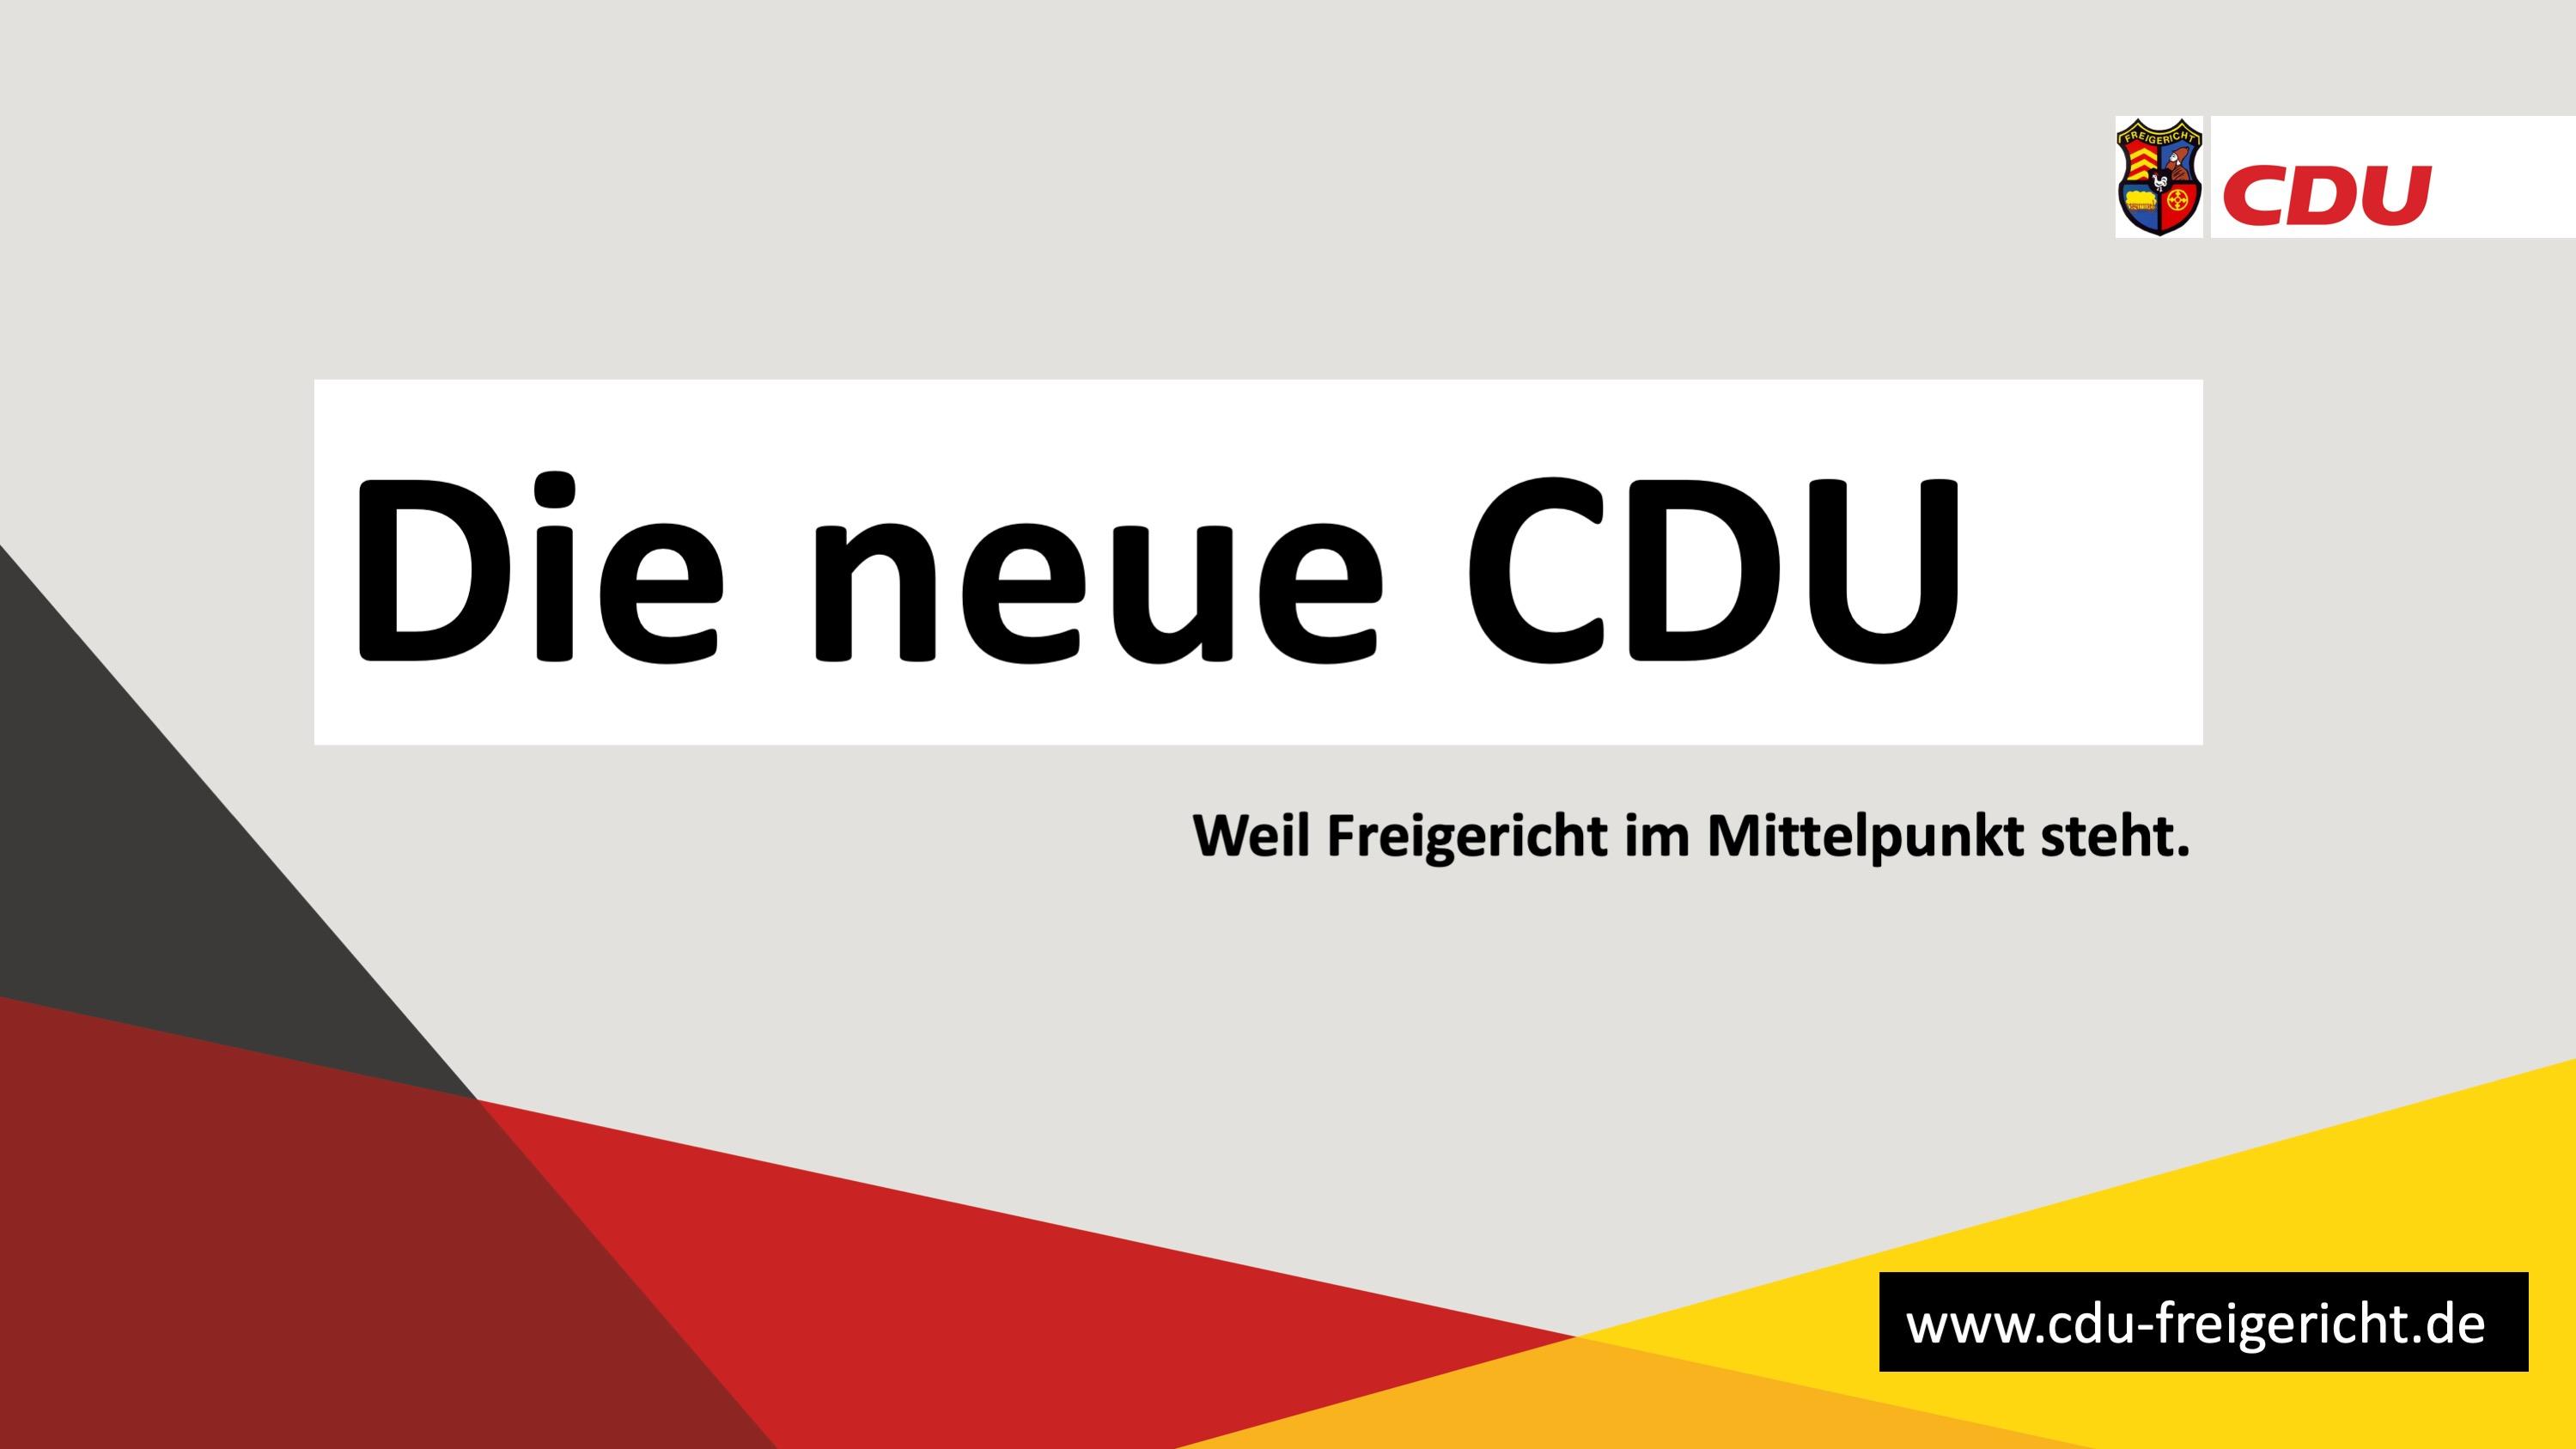 Die neue CDU